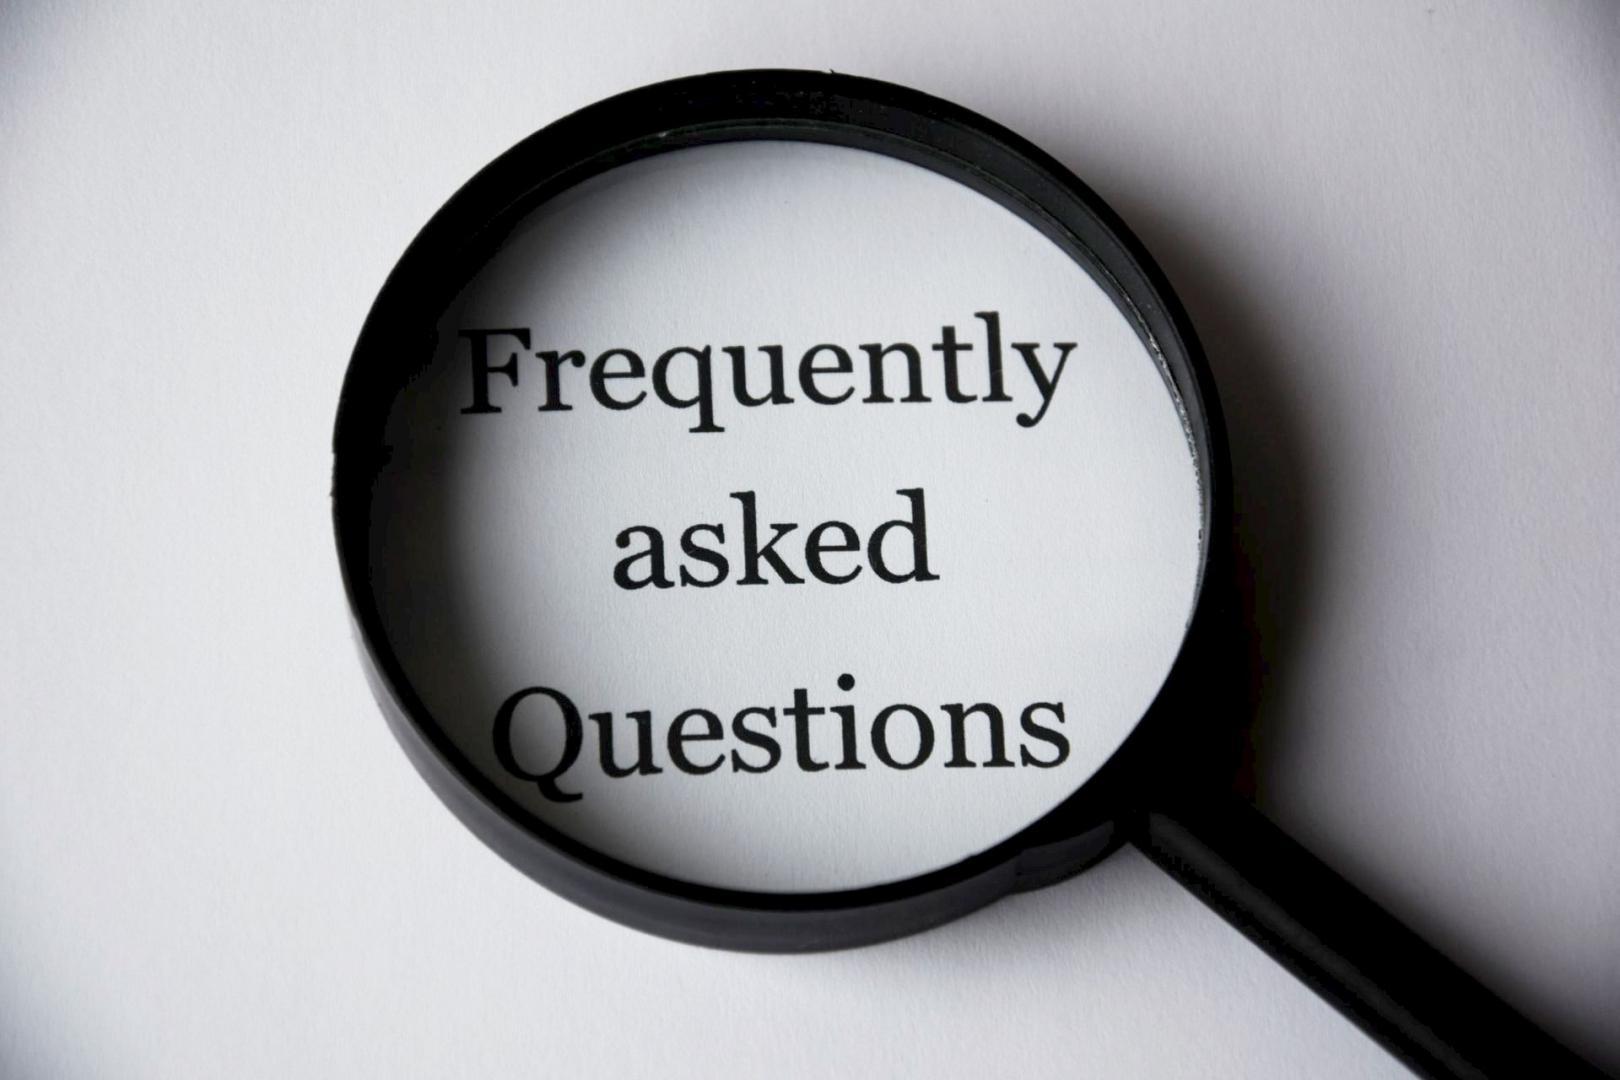 Usein-kysytyt-kysymykset